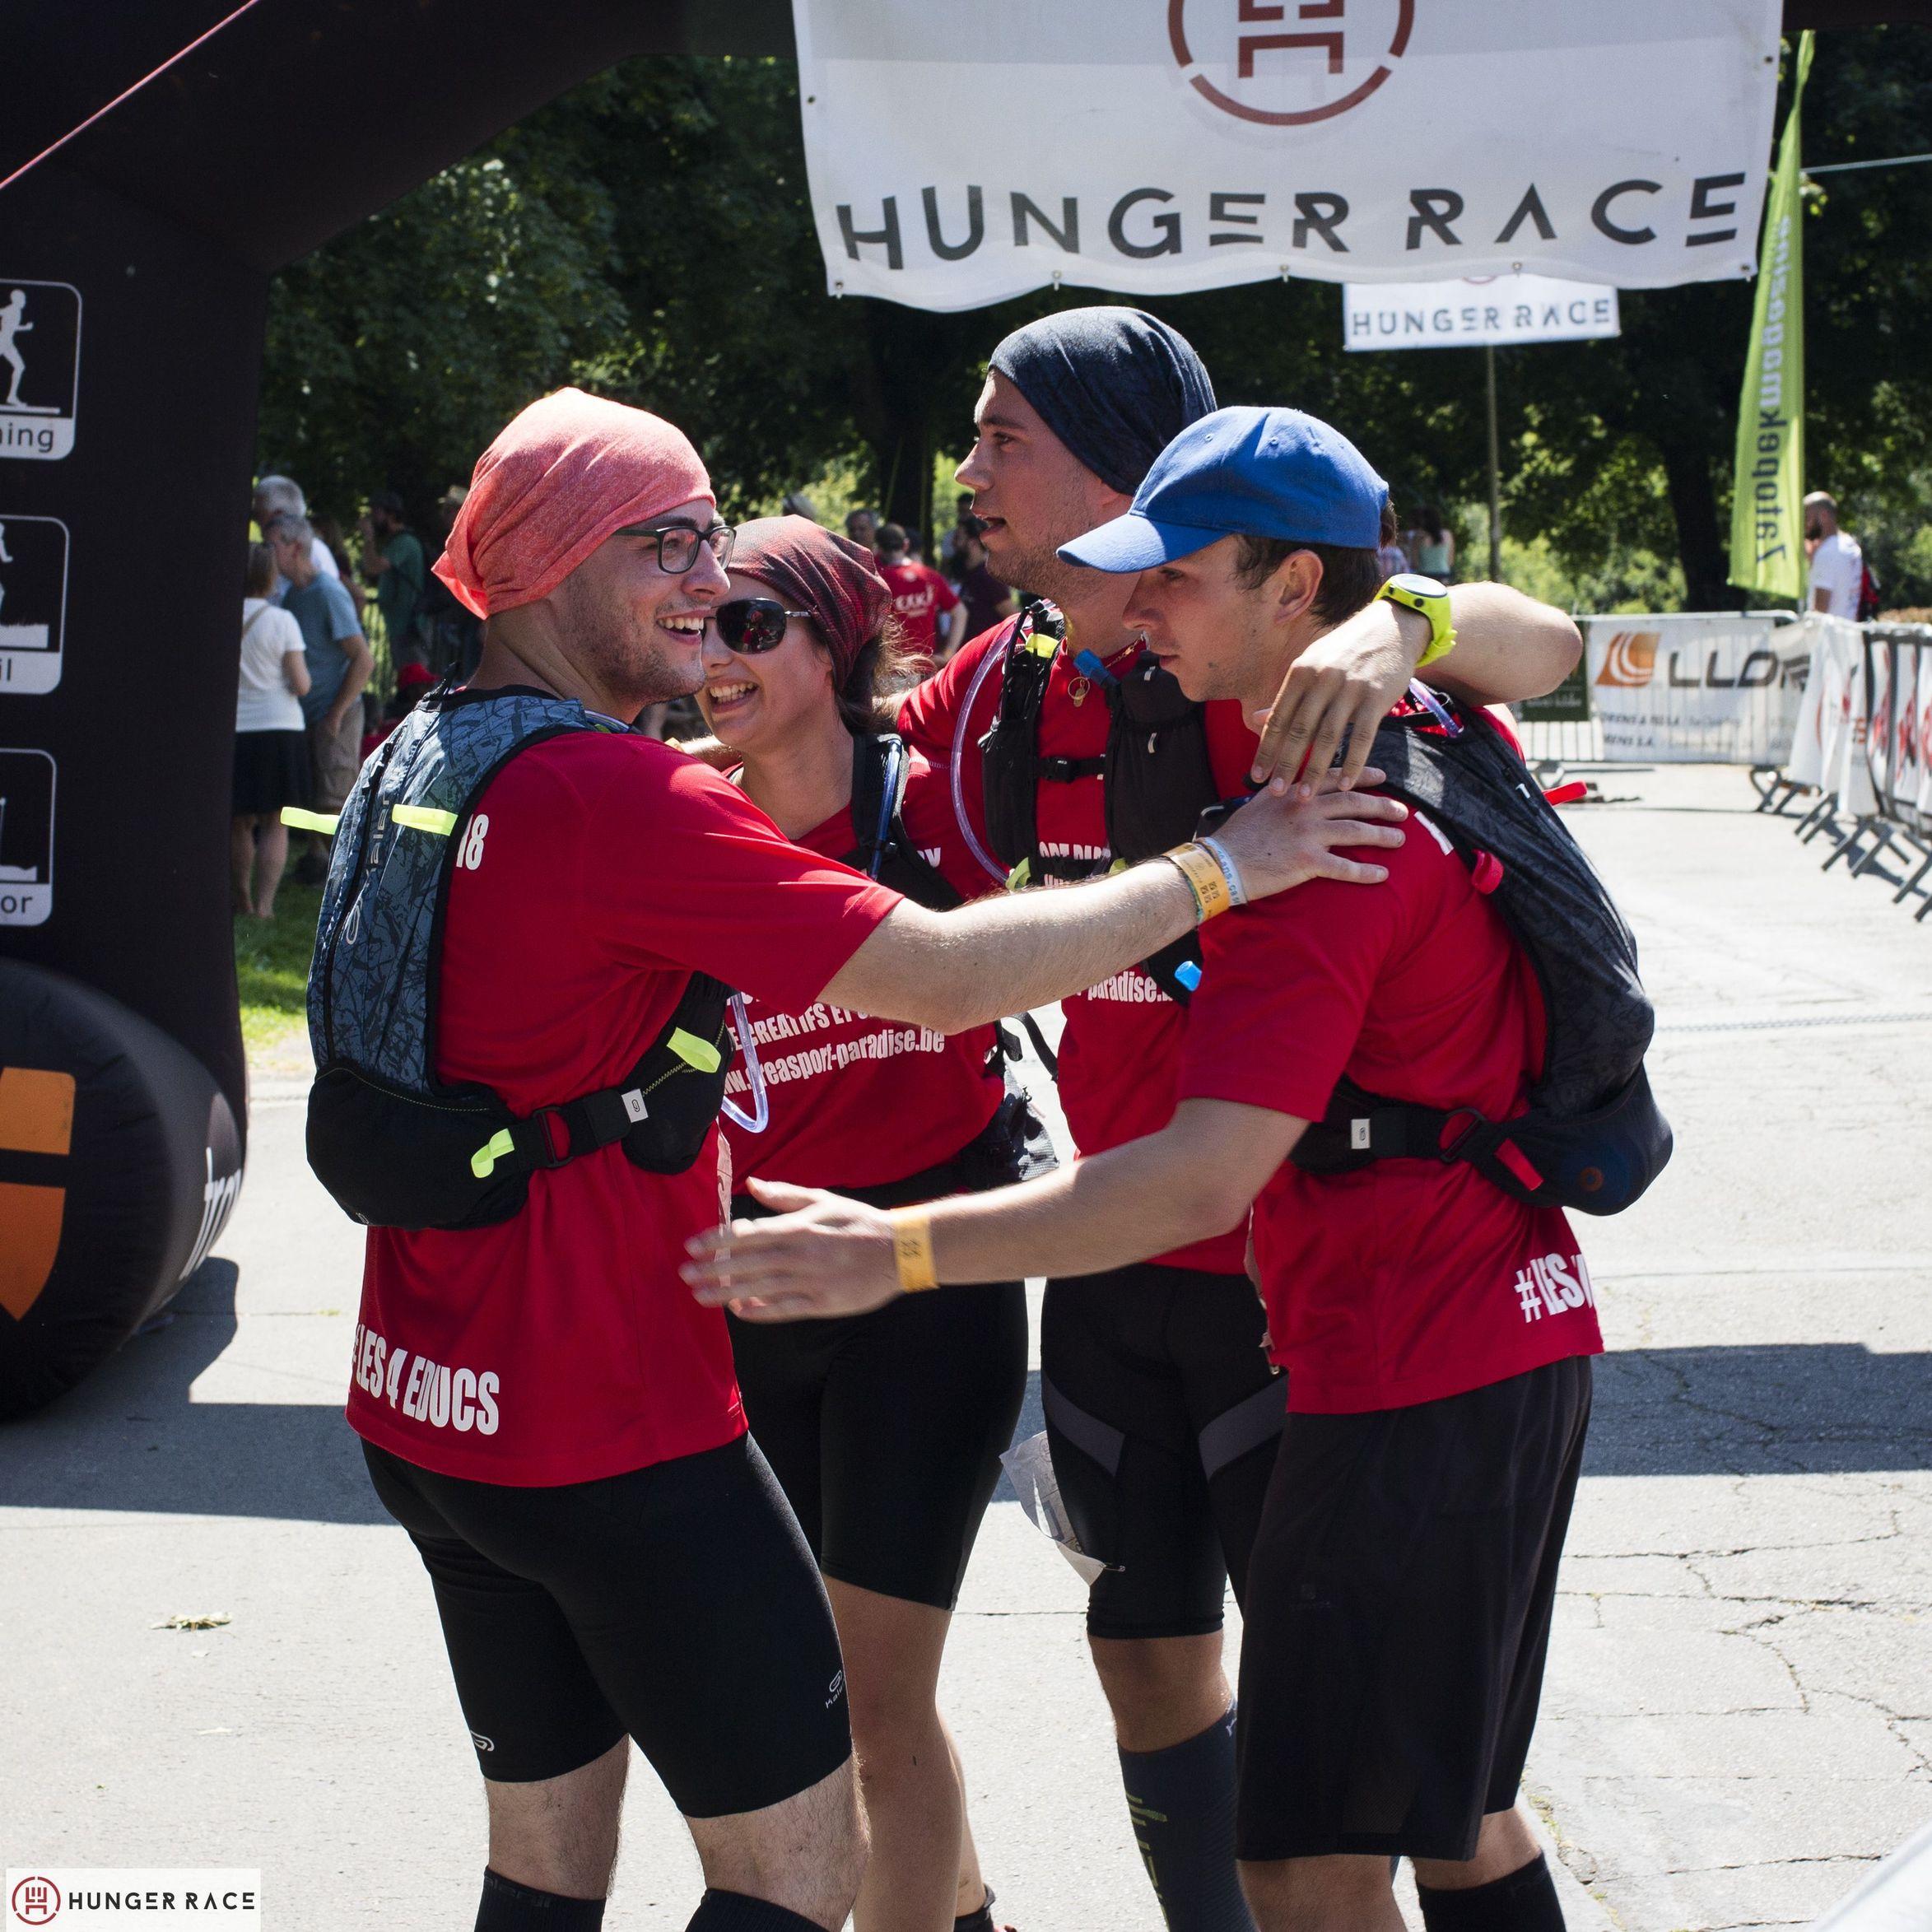 Foto's van Hunger Race 2018!